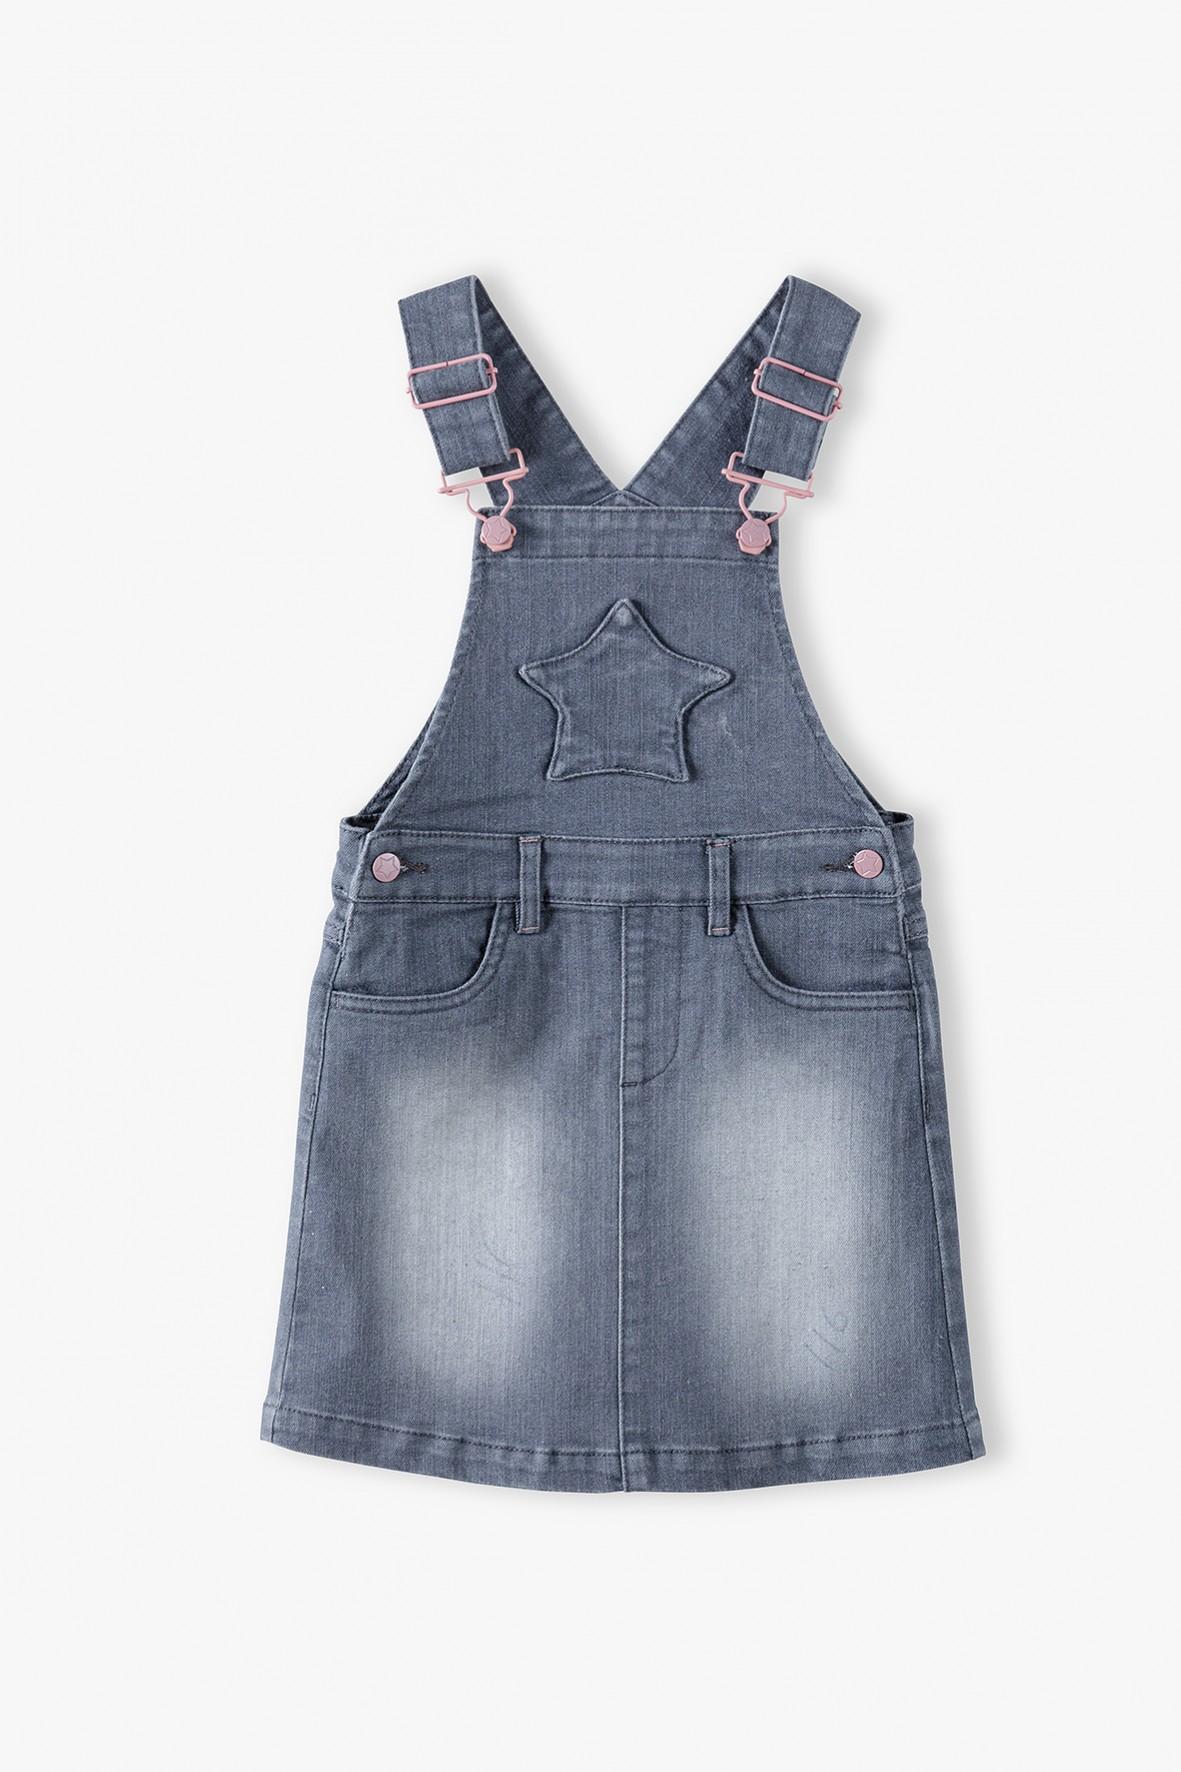 Szara sukienka jeansowa ogrodniczka